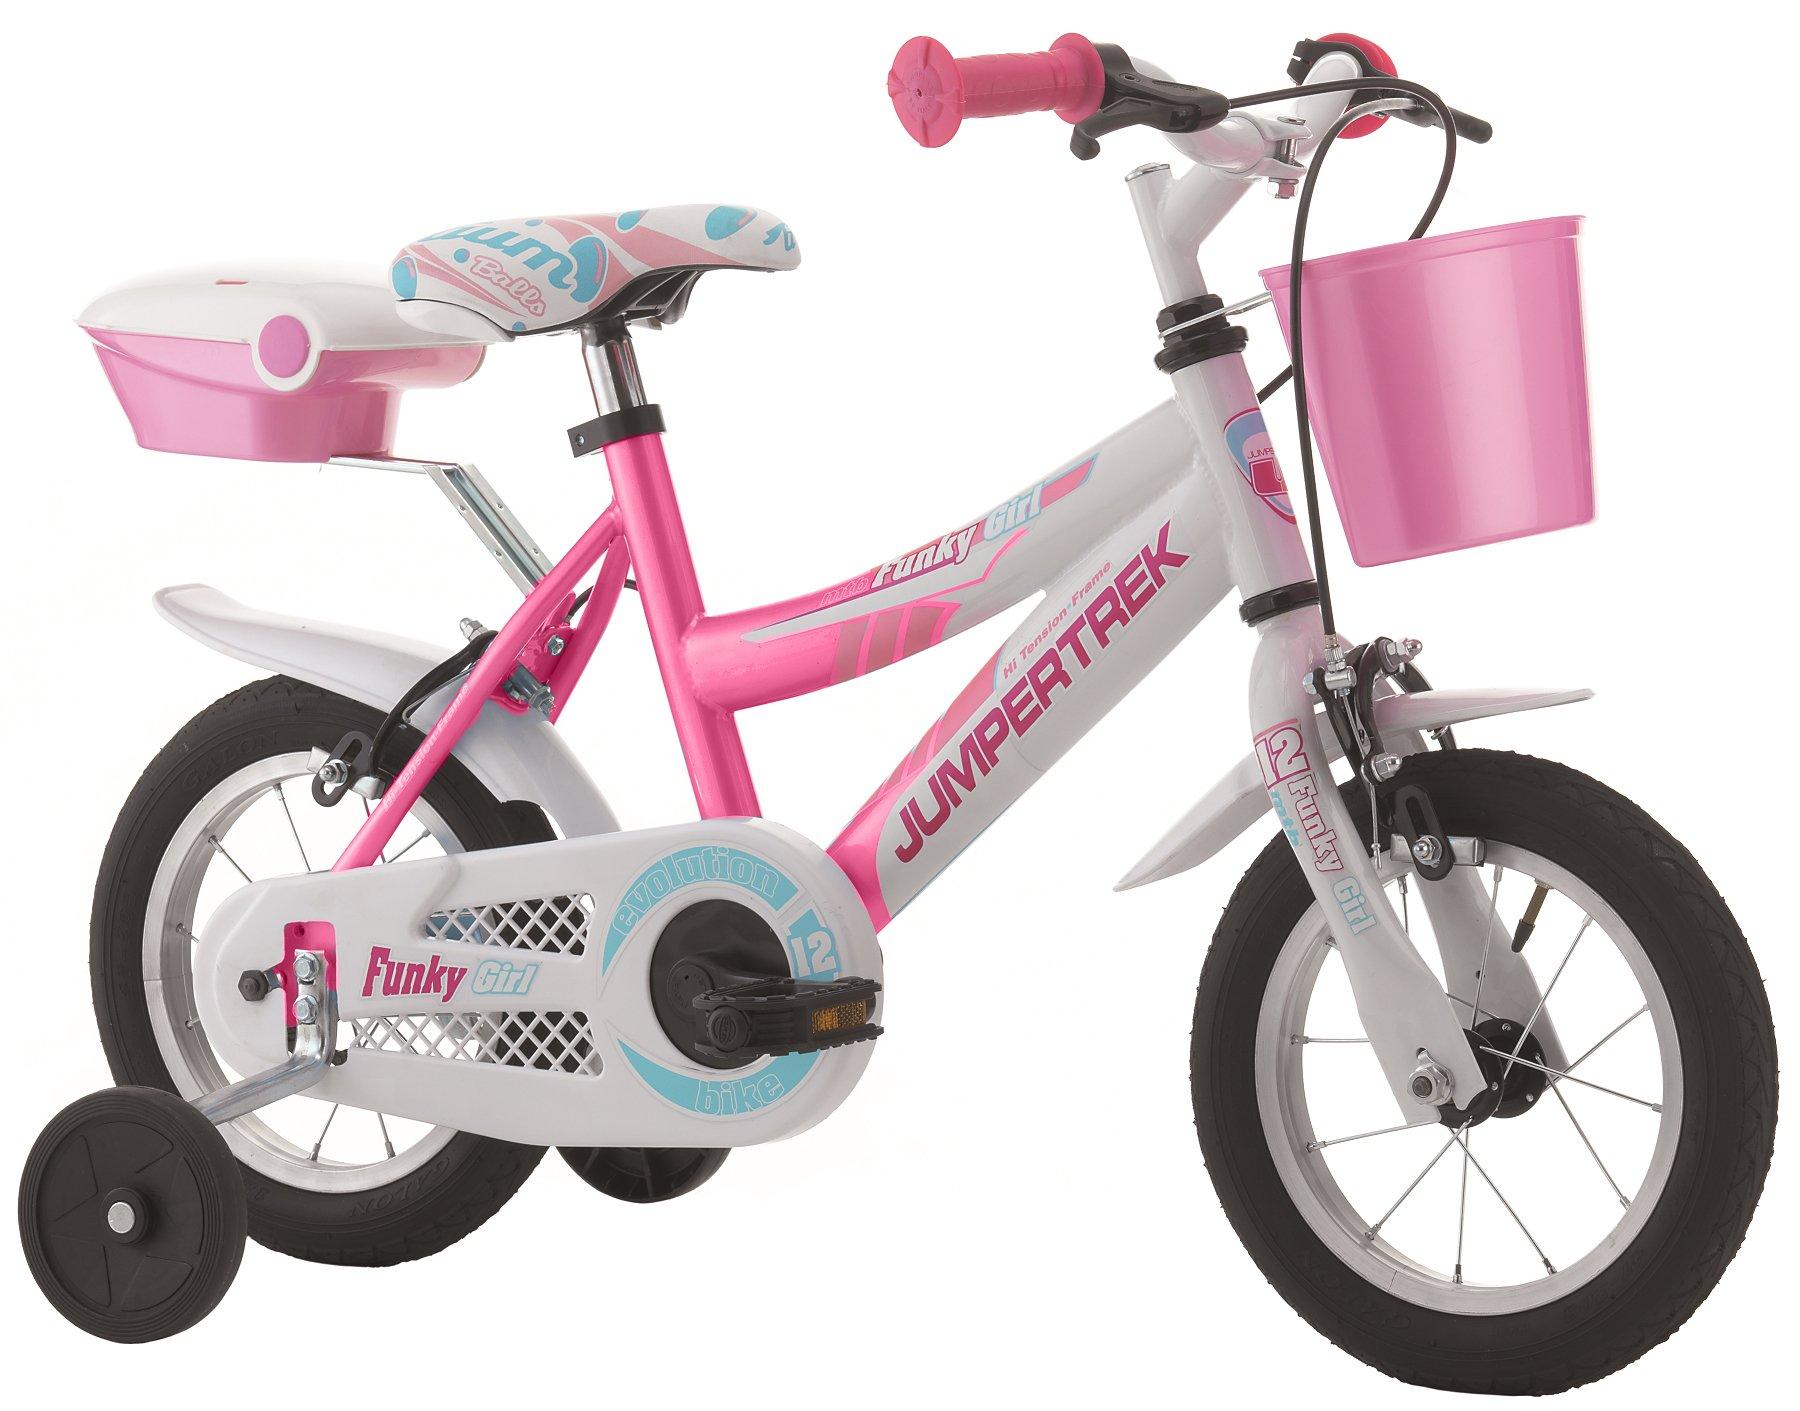 Bicicletta Cicli Cinzia Funky da bambina, telaio in acciaio, ruote da 12, con ruotine di stabilit